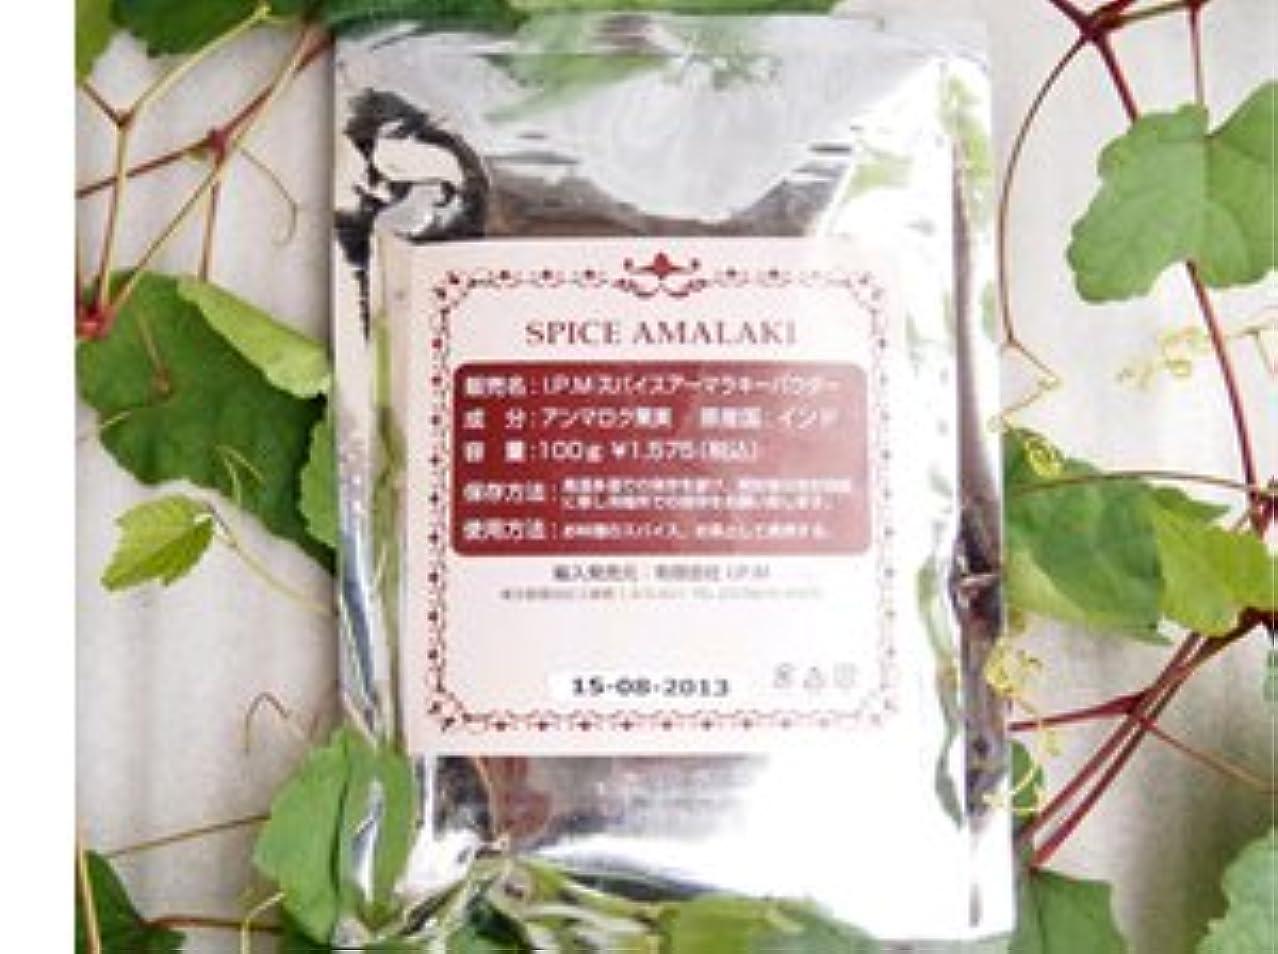 チキンダンプに応じてSPICE AMALAKI アーマラキー 100g